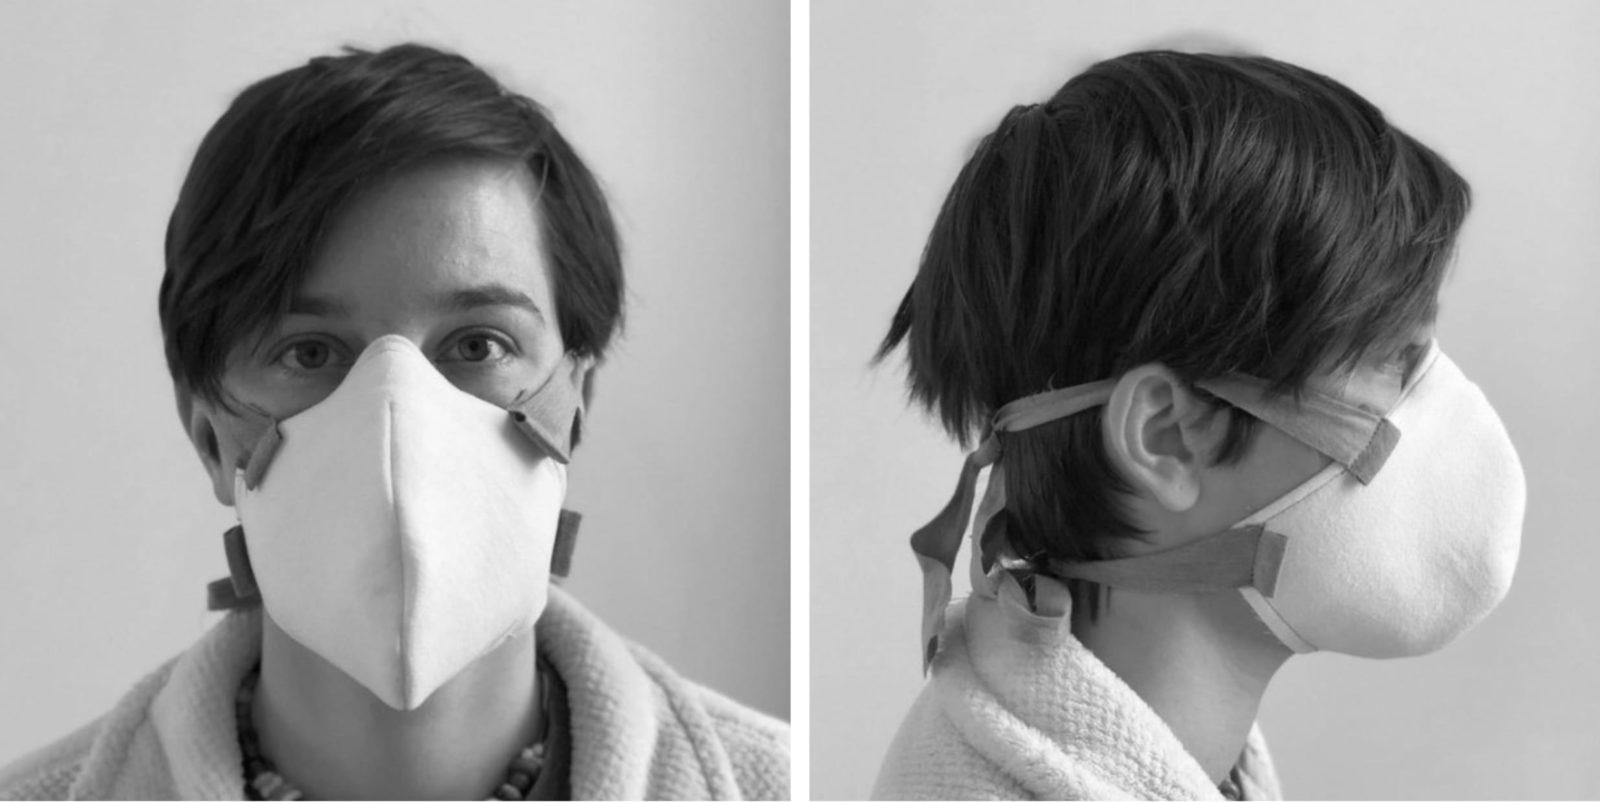 Coronavirus, lo sviluppatore di Tweetie spiega come farsi in casa la mascherina